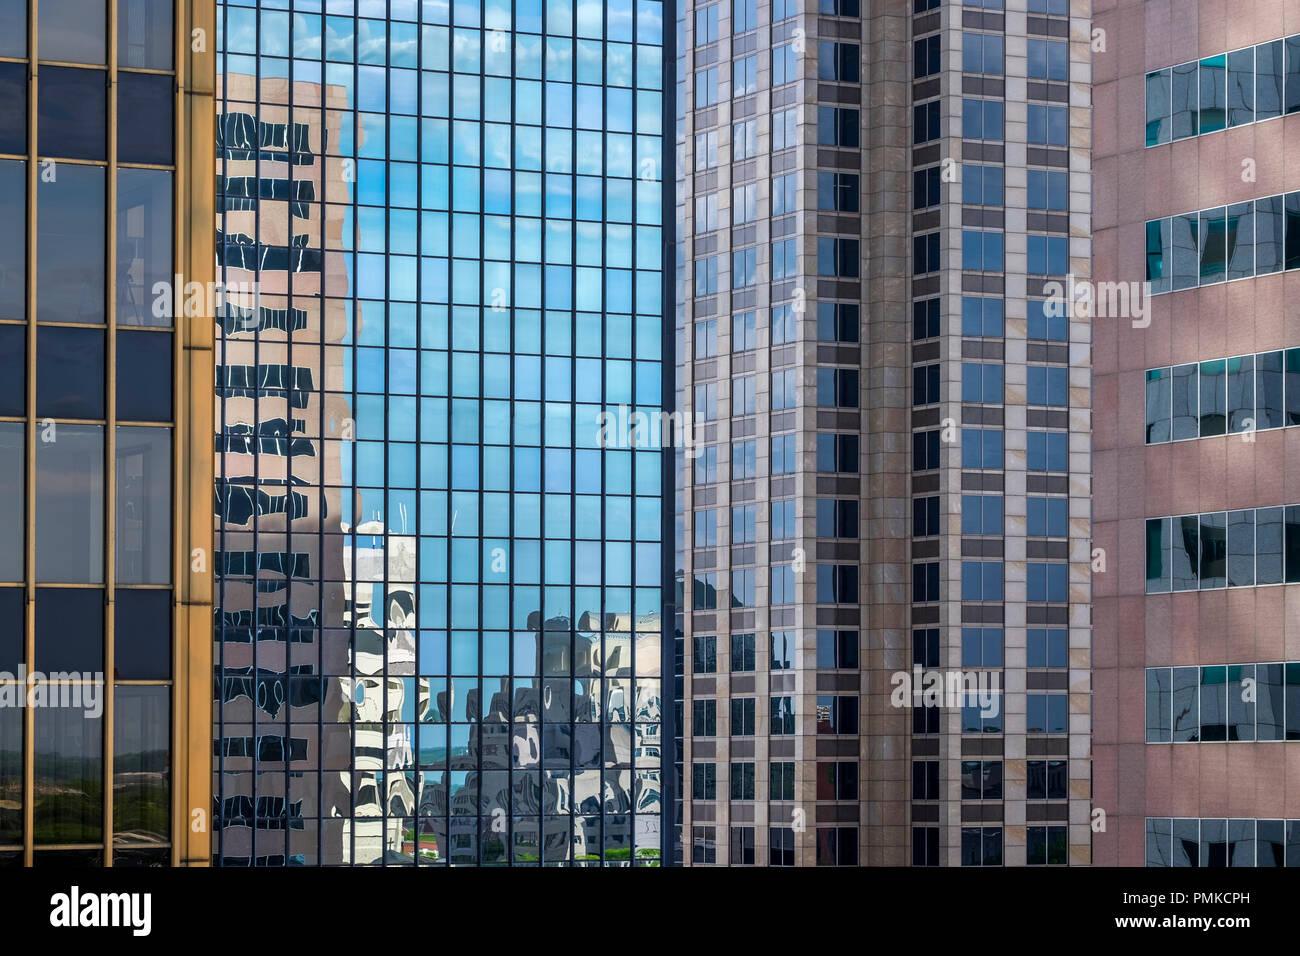 Detalle de la arquitectura en edificios de oficinas, en Birmingham, Alabama Imagen De Stock